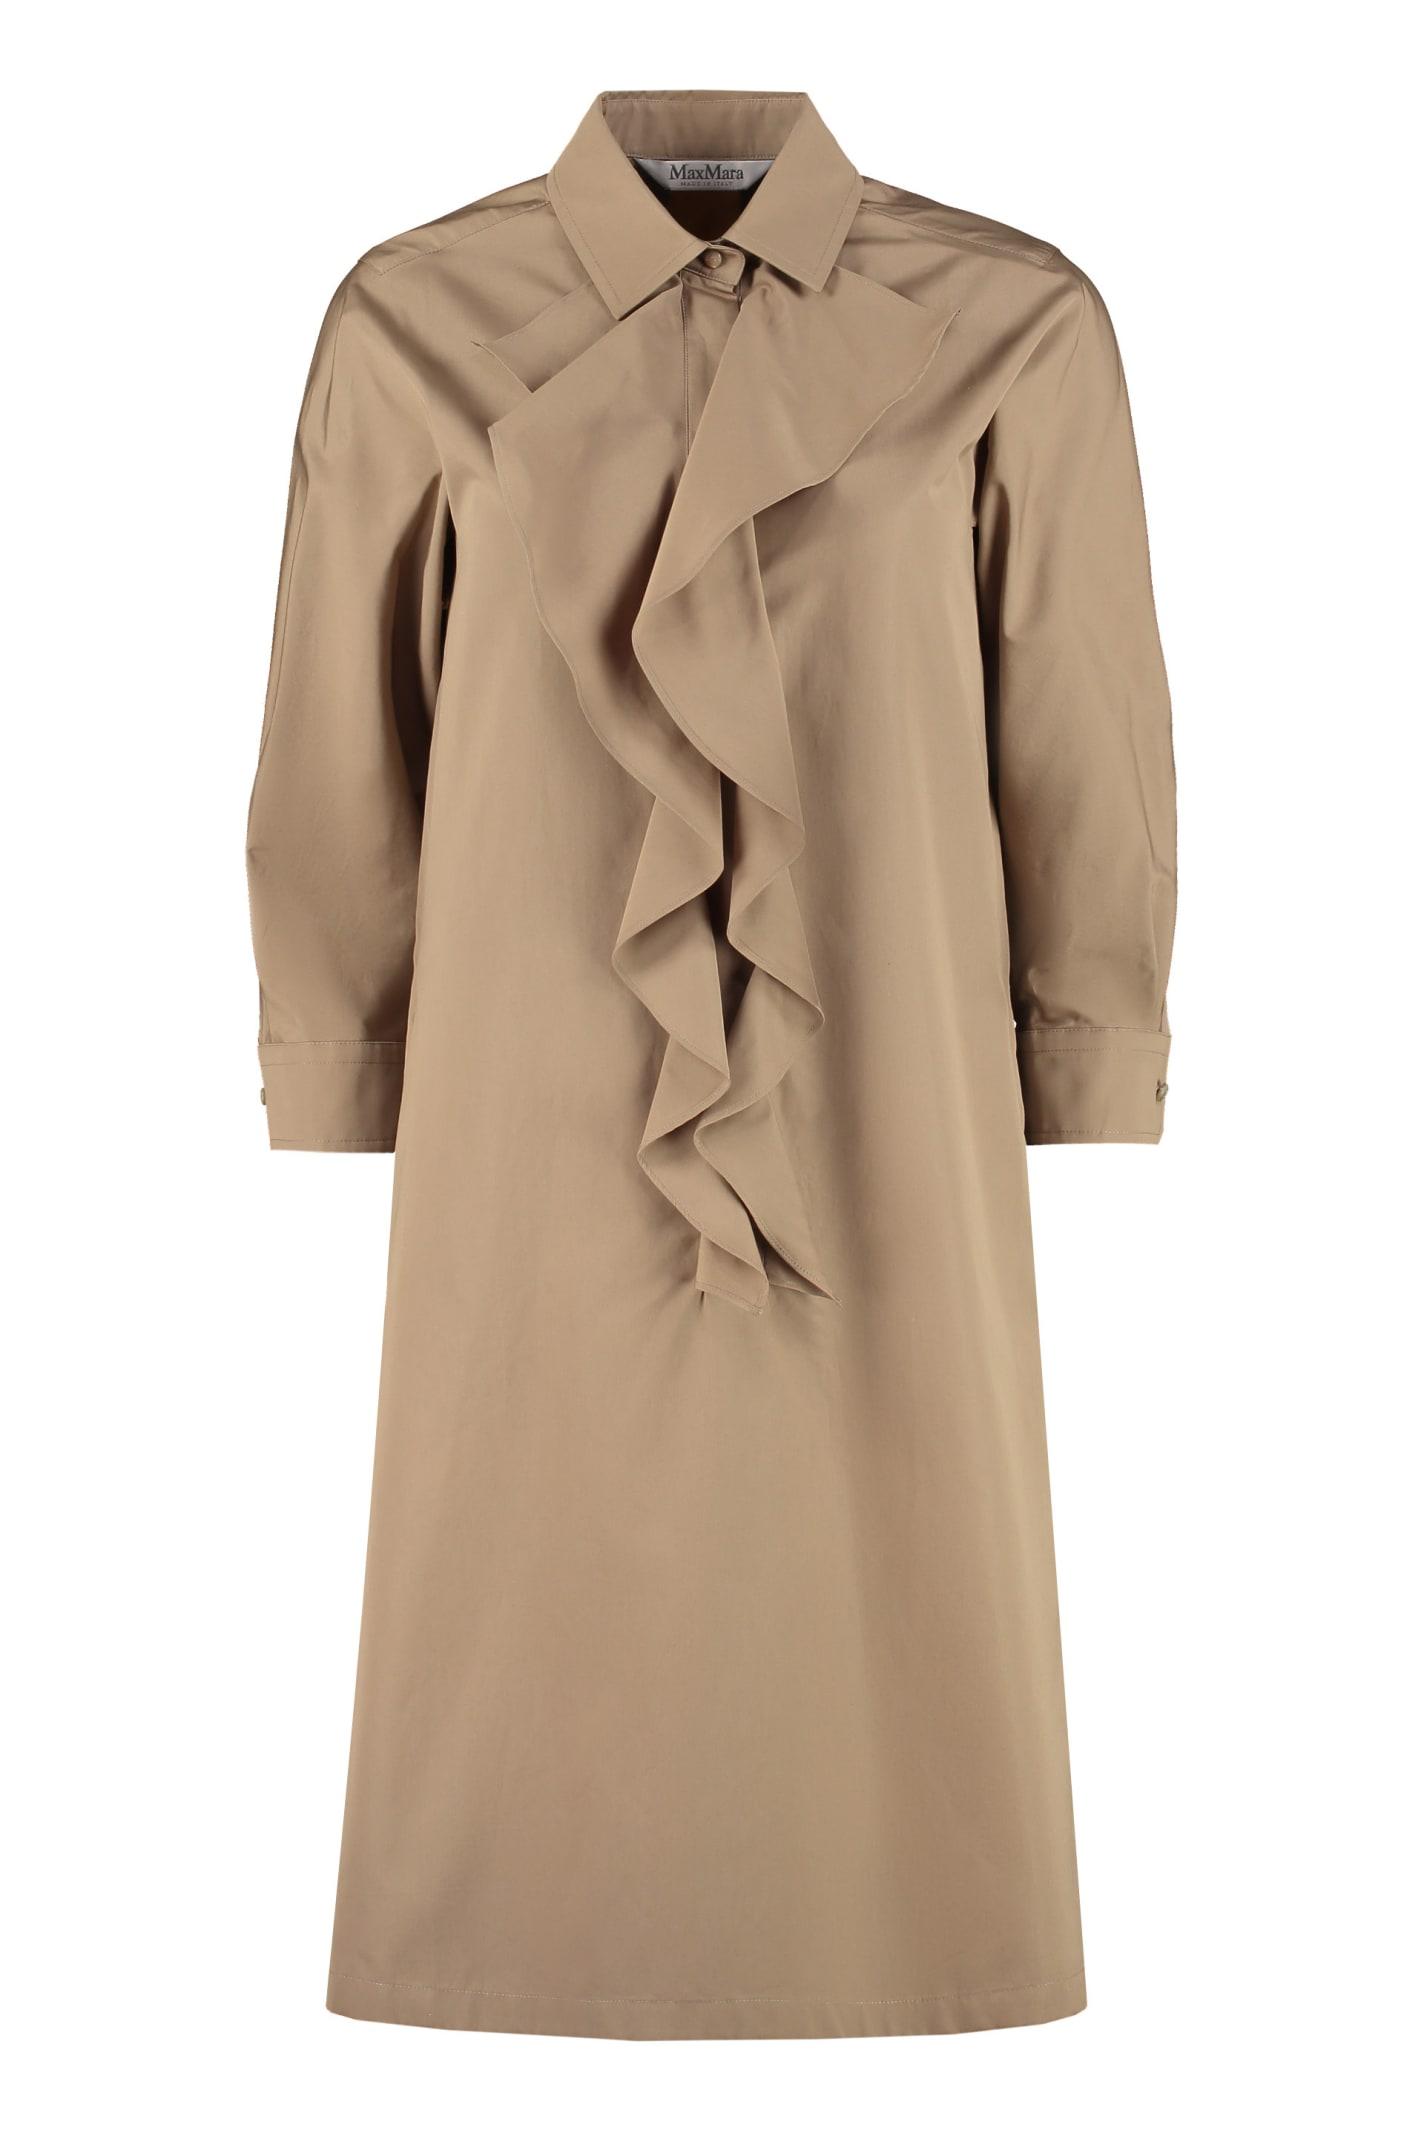 Buy Max Mara Cinque Cotton Shirt Dress online, shop Max Mara with free shipping